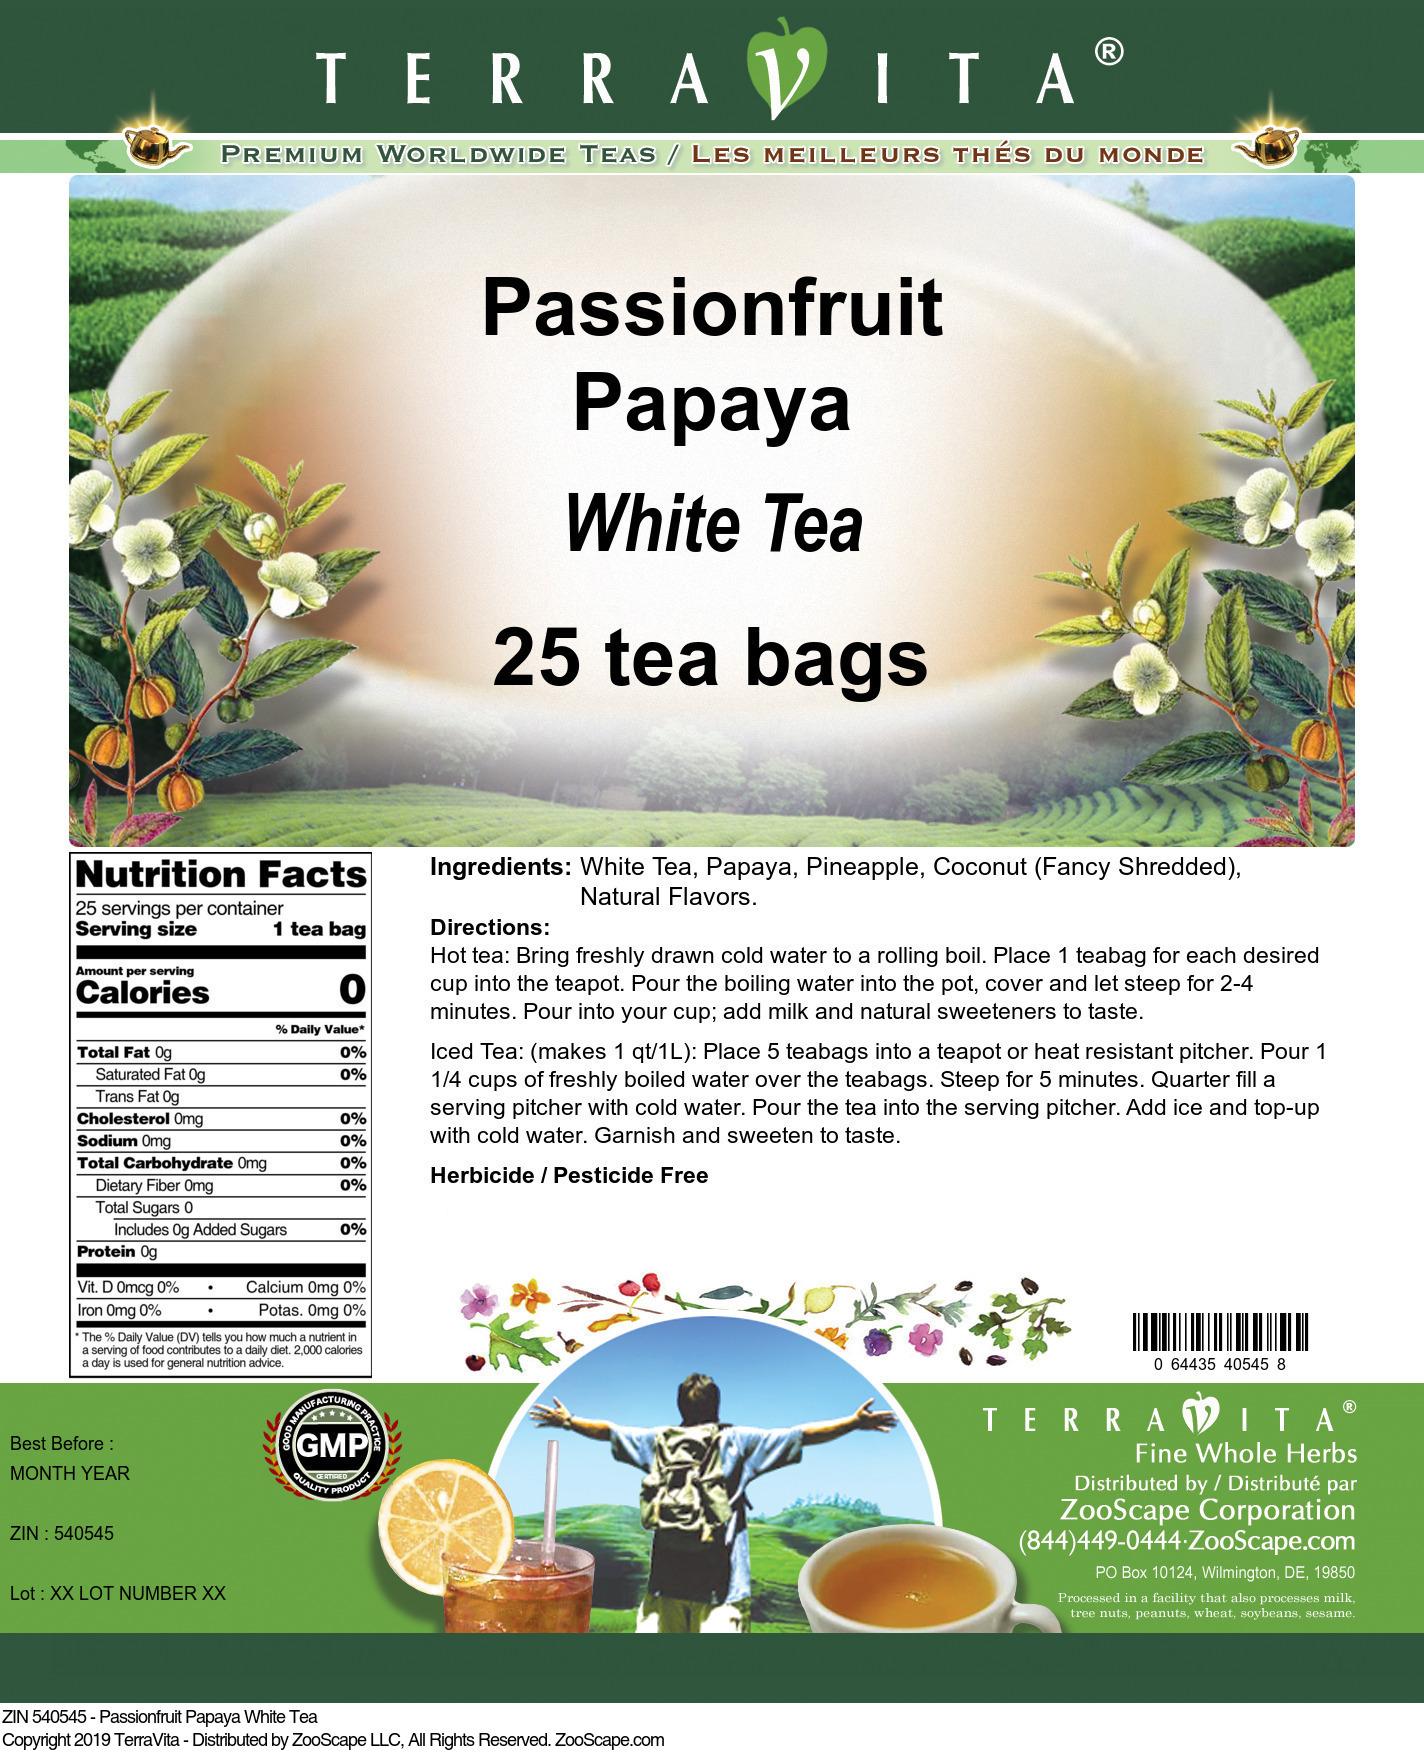 Passionfruit Papaya White Tea